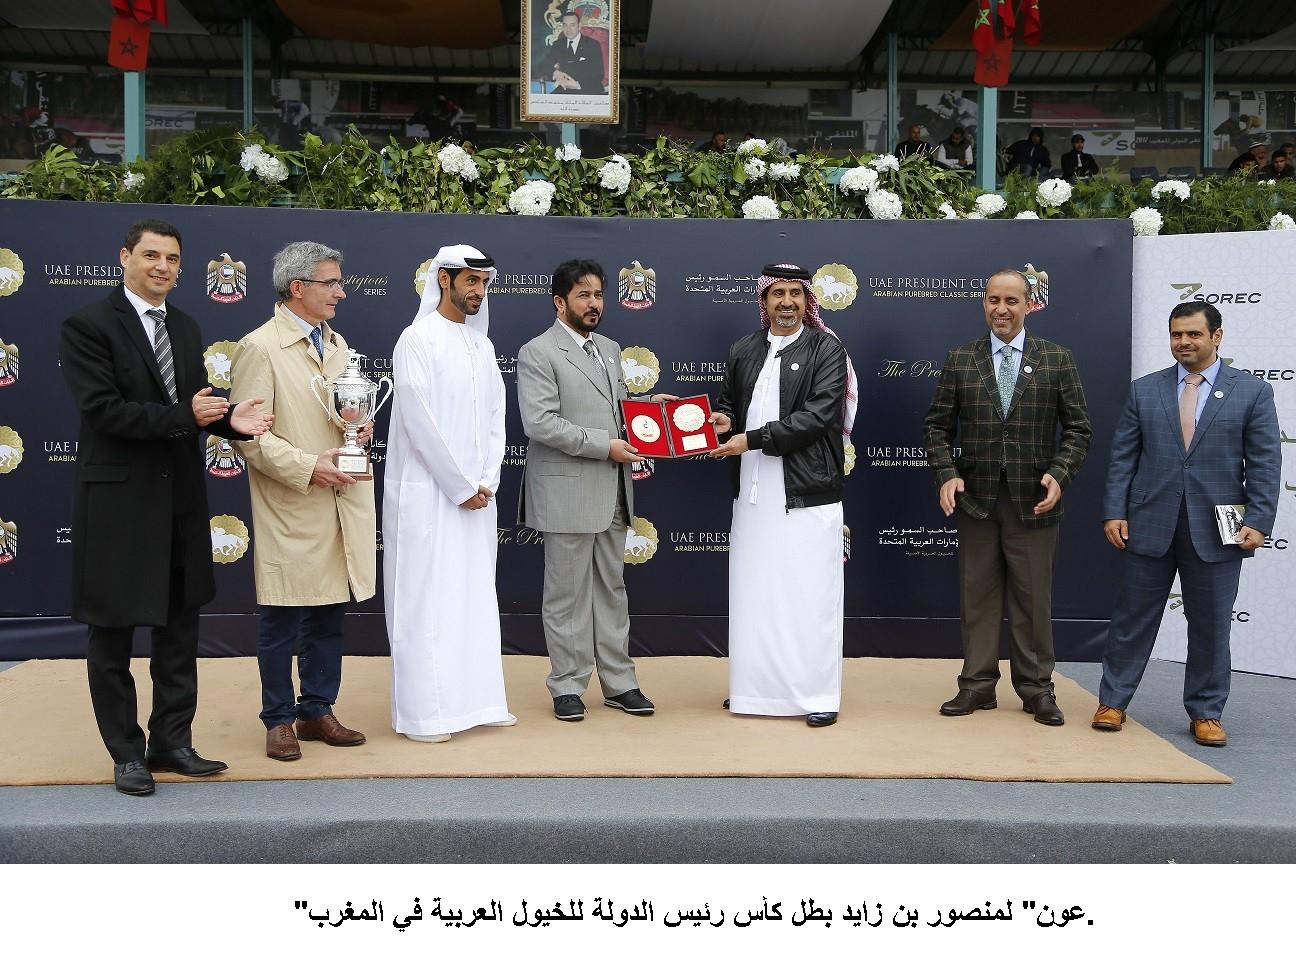 عون لمنصور بن زايد بطل كأس رئيس الدولة للخيول العربية في المغرب.